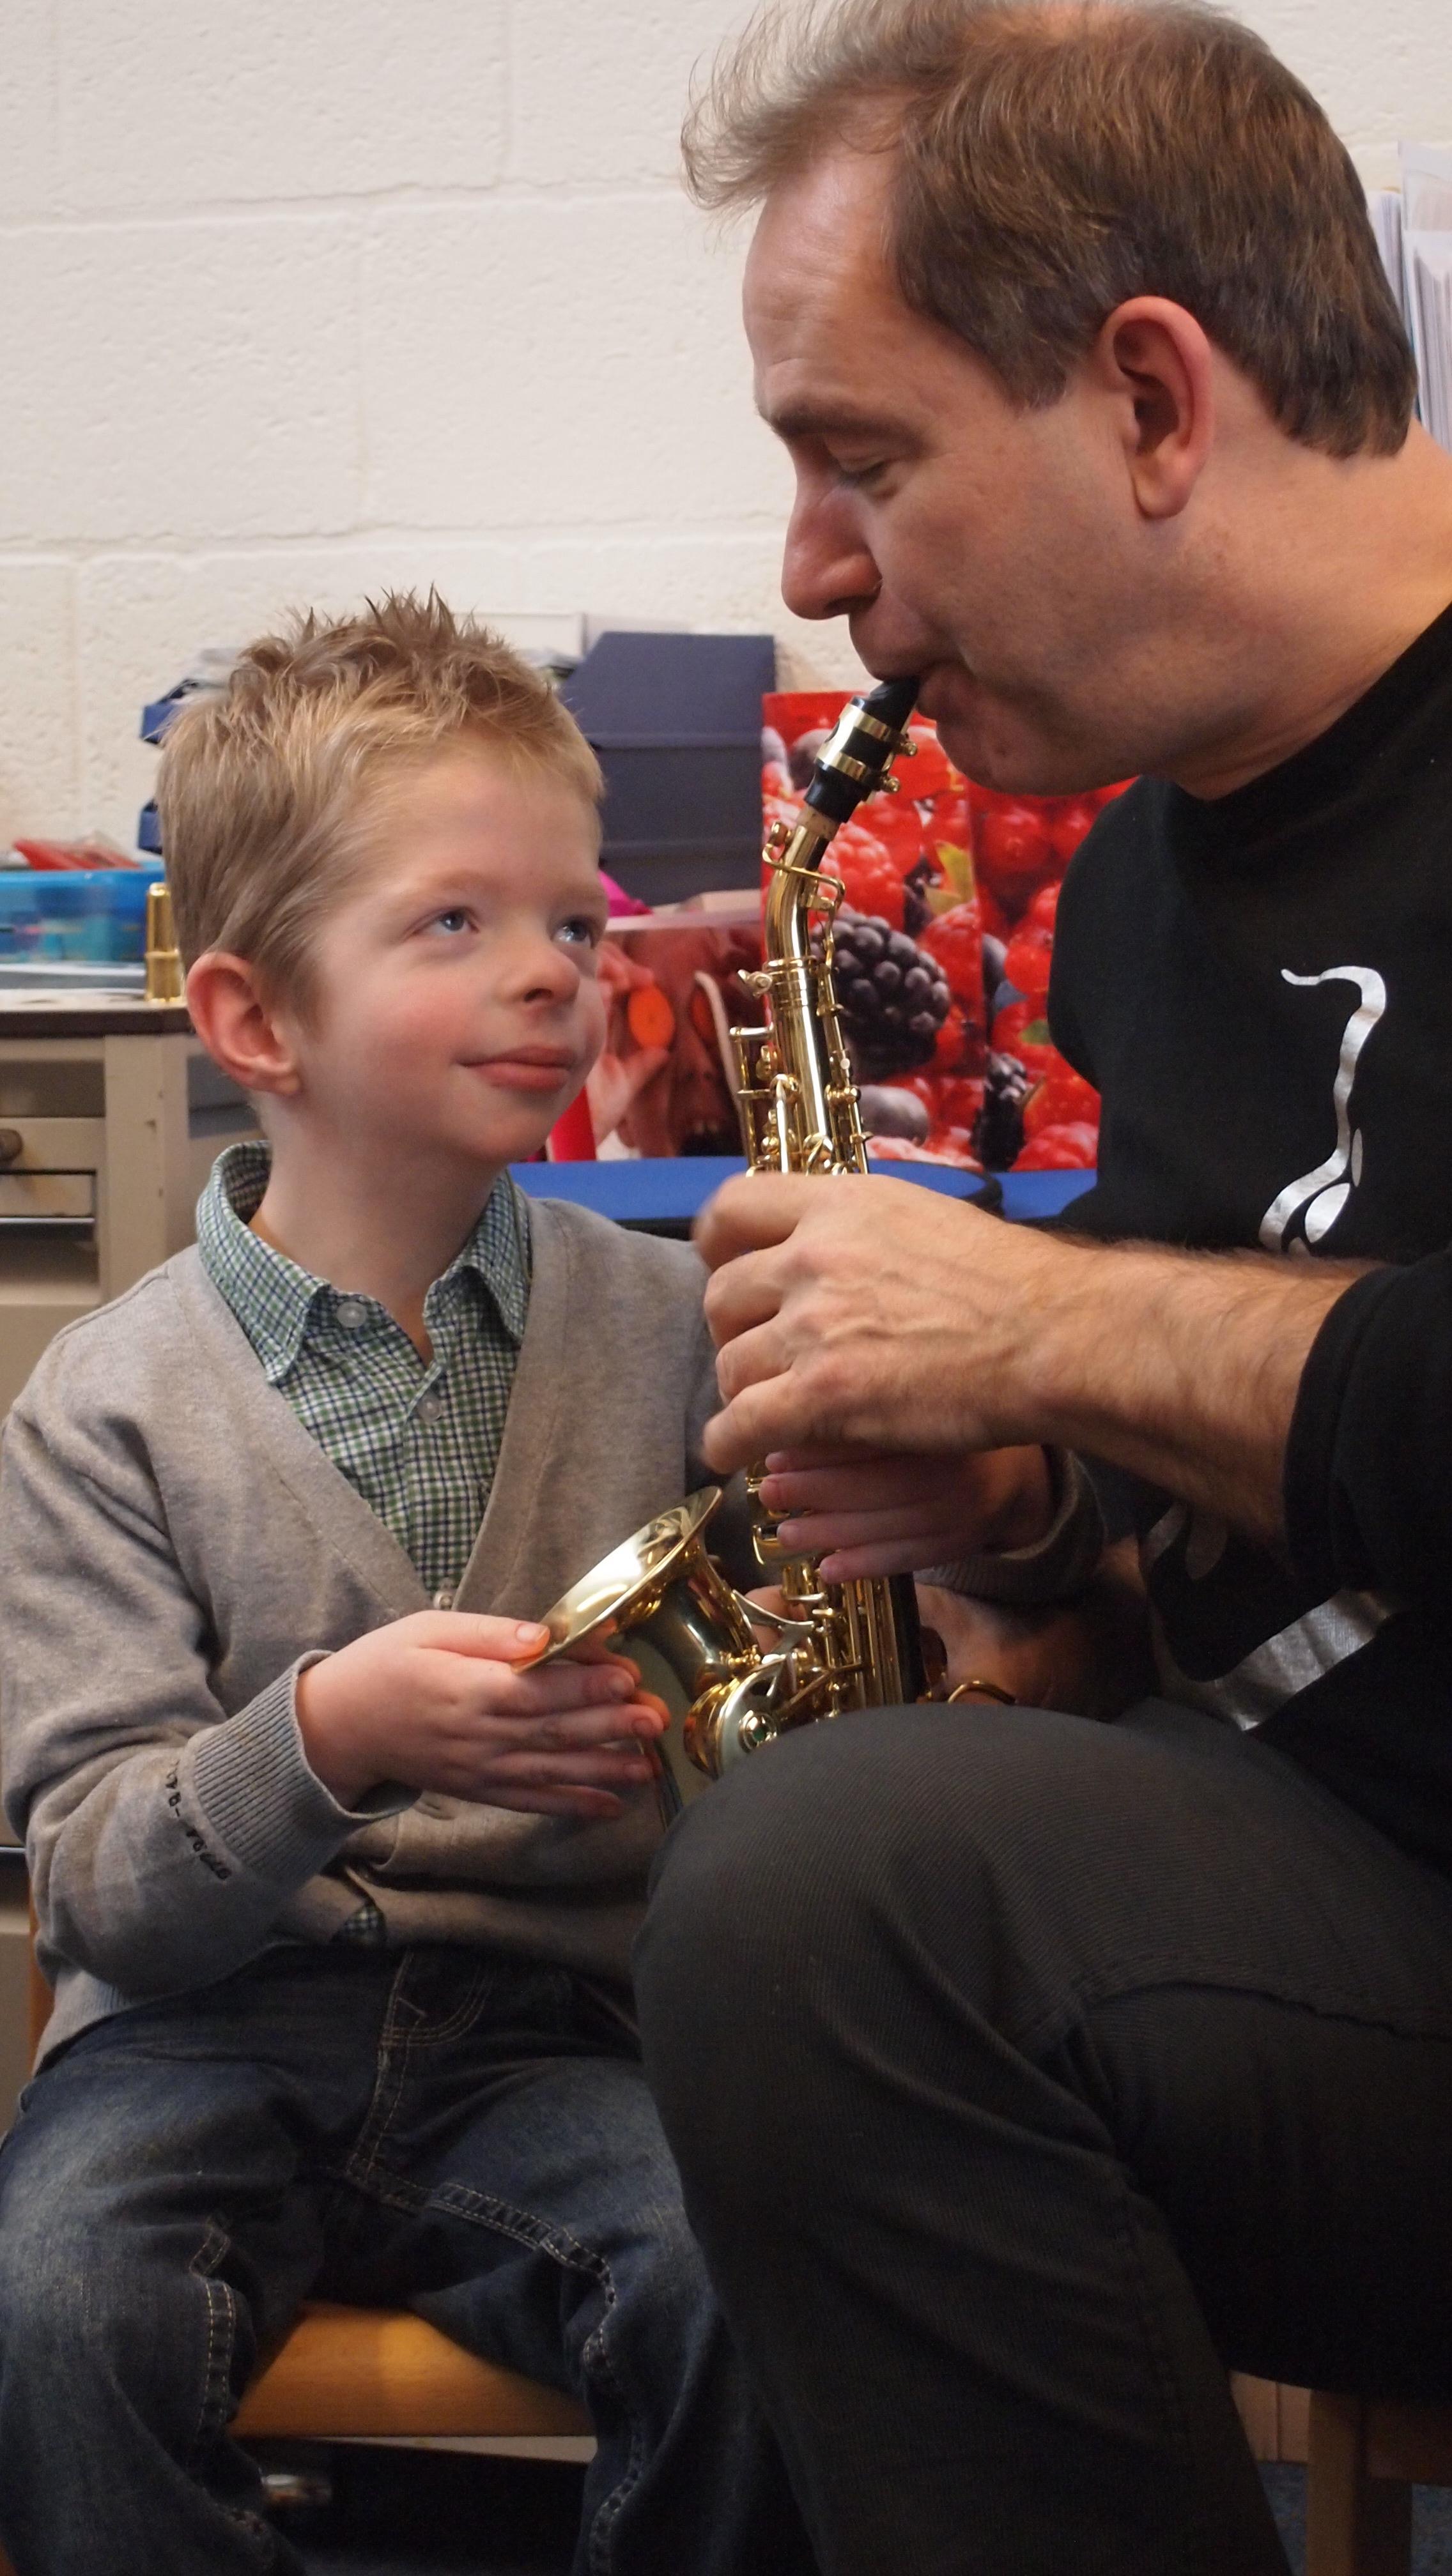 Leerling voelt de trilling van het instrument en raakt geboeid.